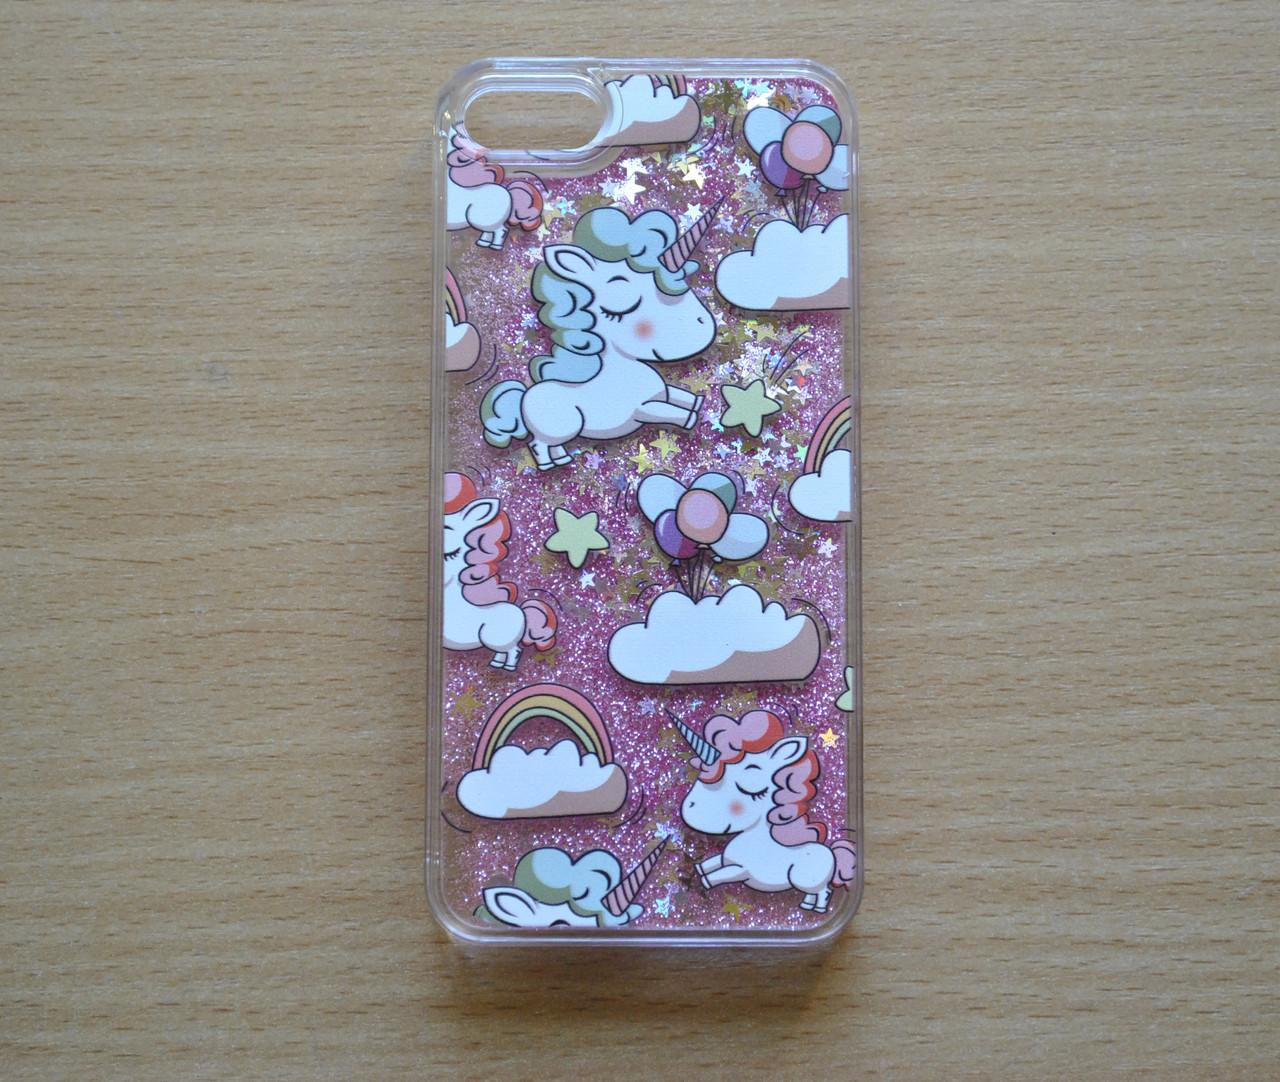 Чехол пластиковый для iphone 5/5S Рисунок - единорог с плавающими РОЗОВЫМИ блестками